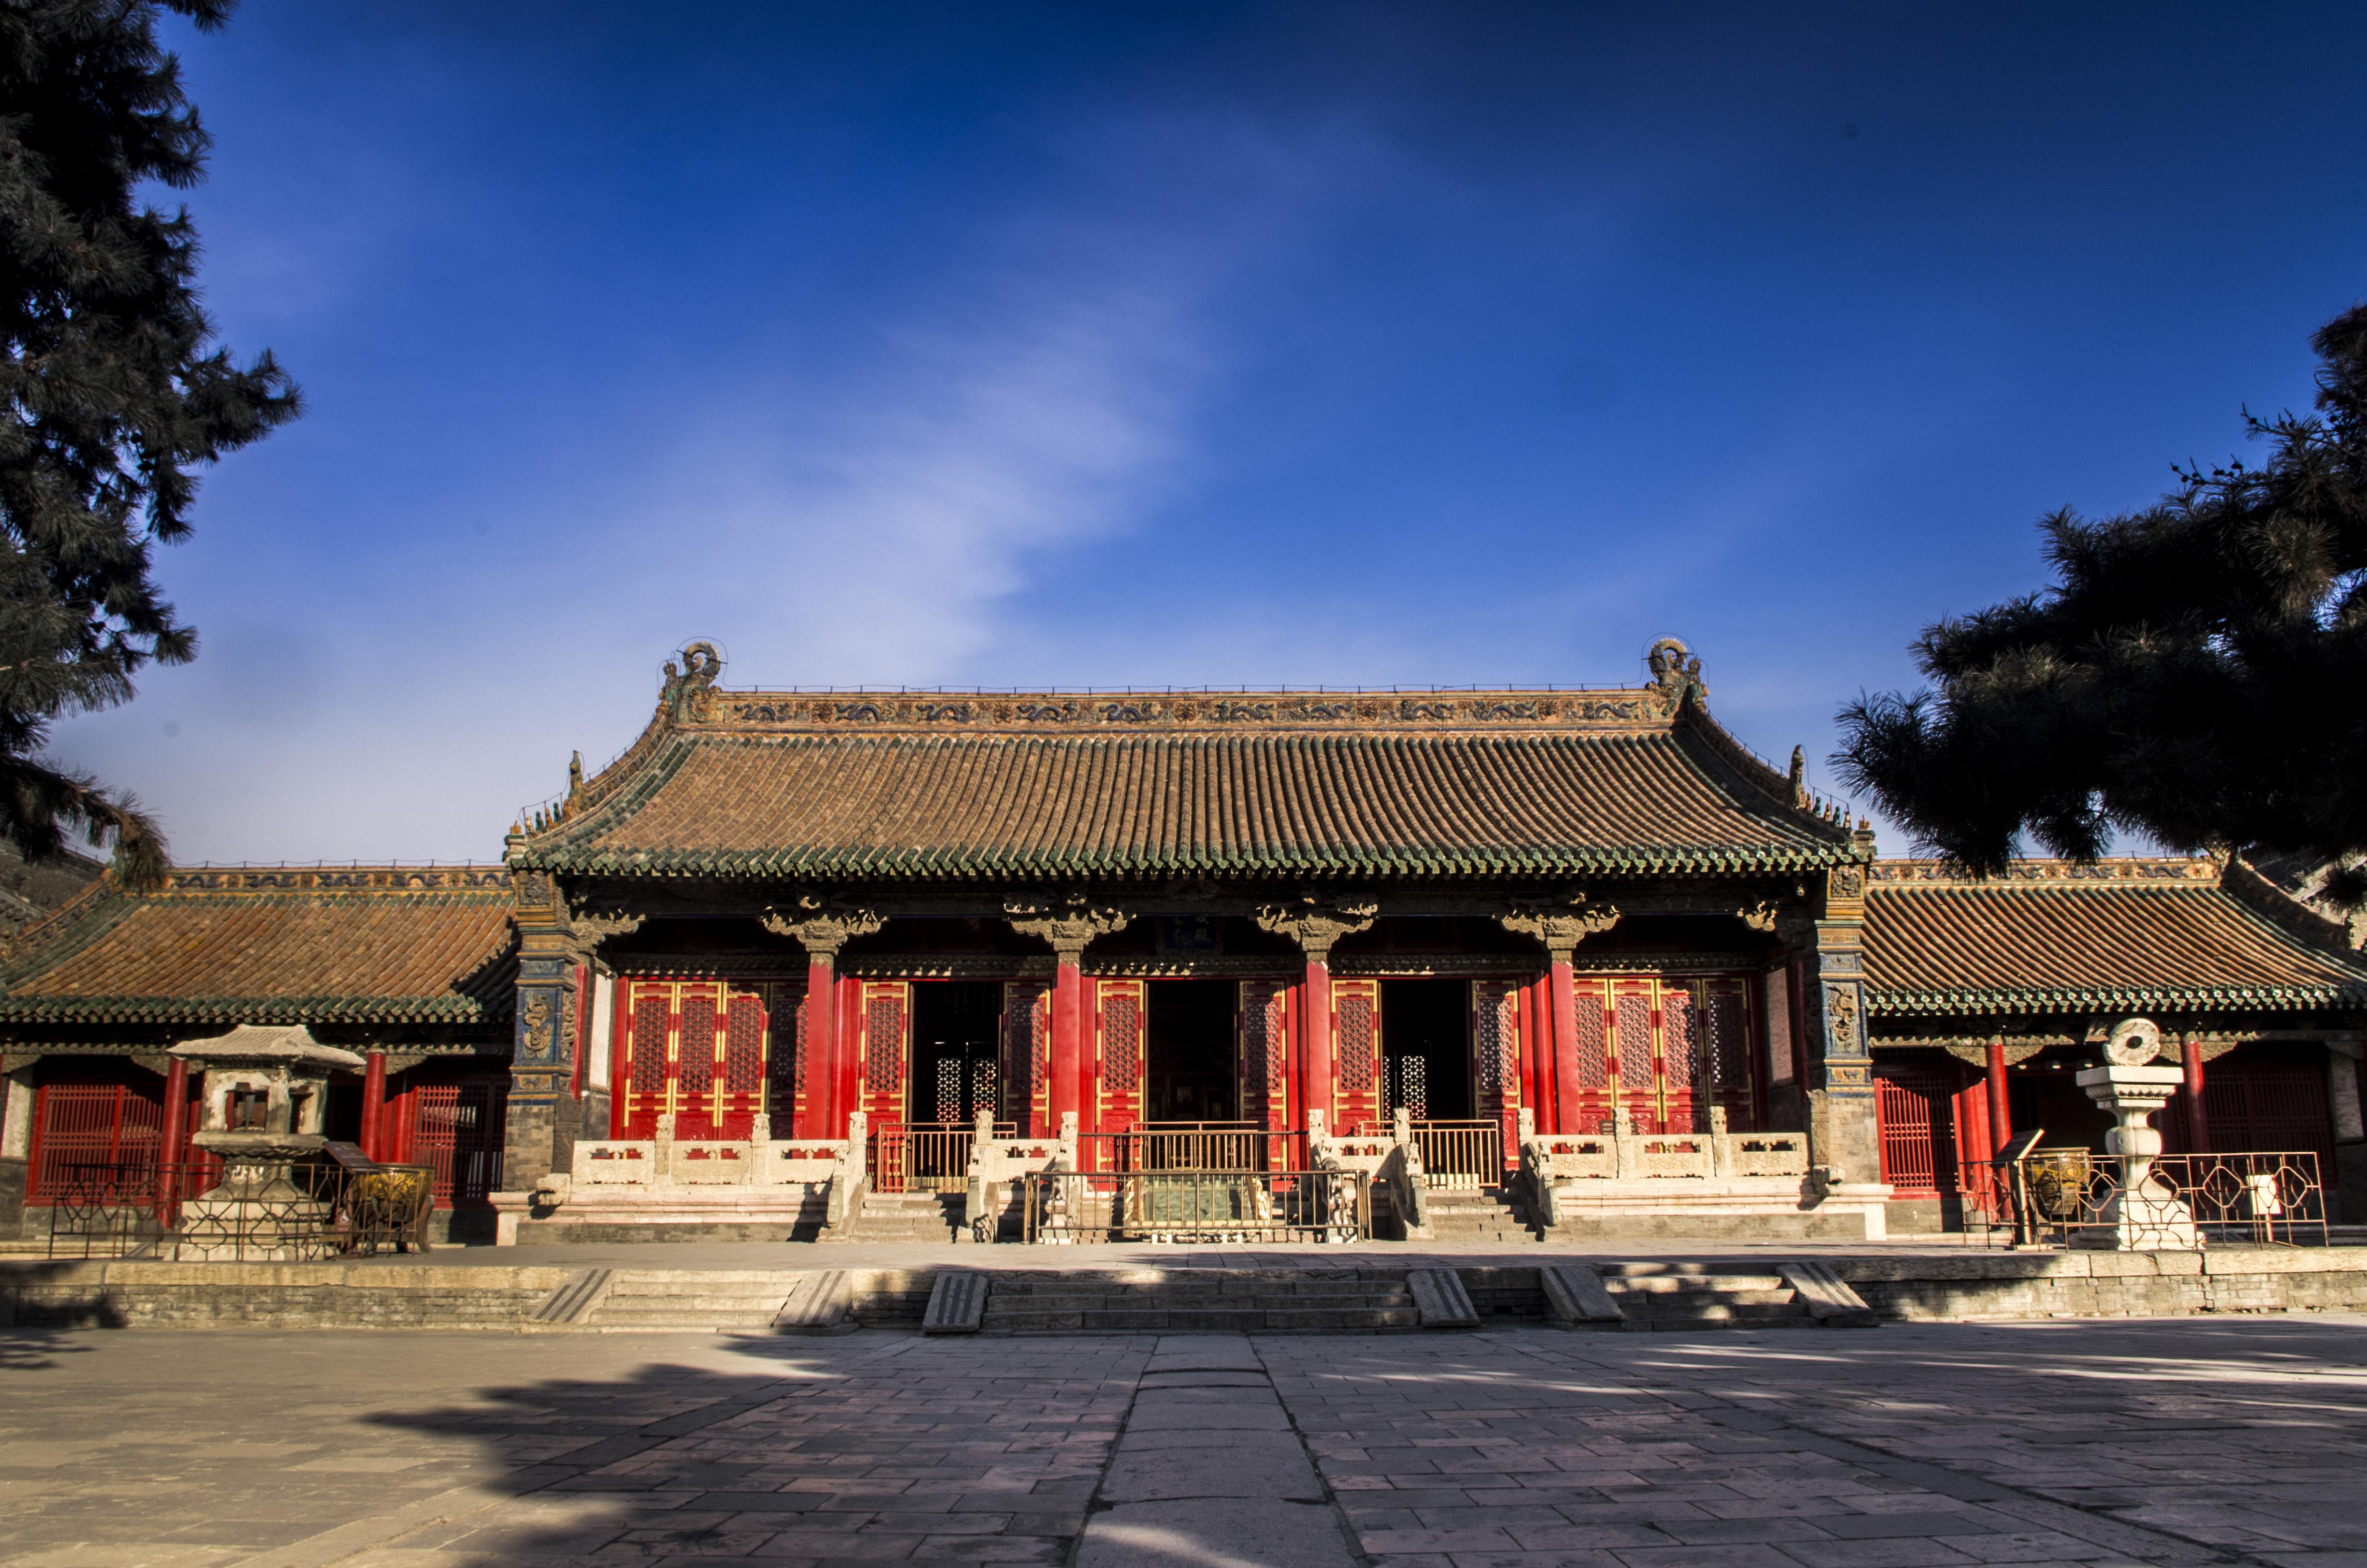 沈阳故宫运用龙的装饰也非常抢眼高清图片